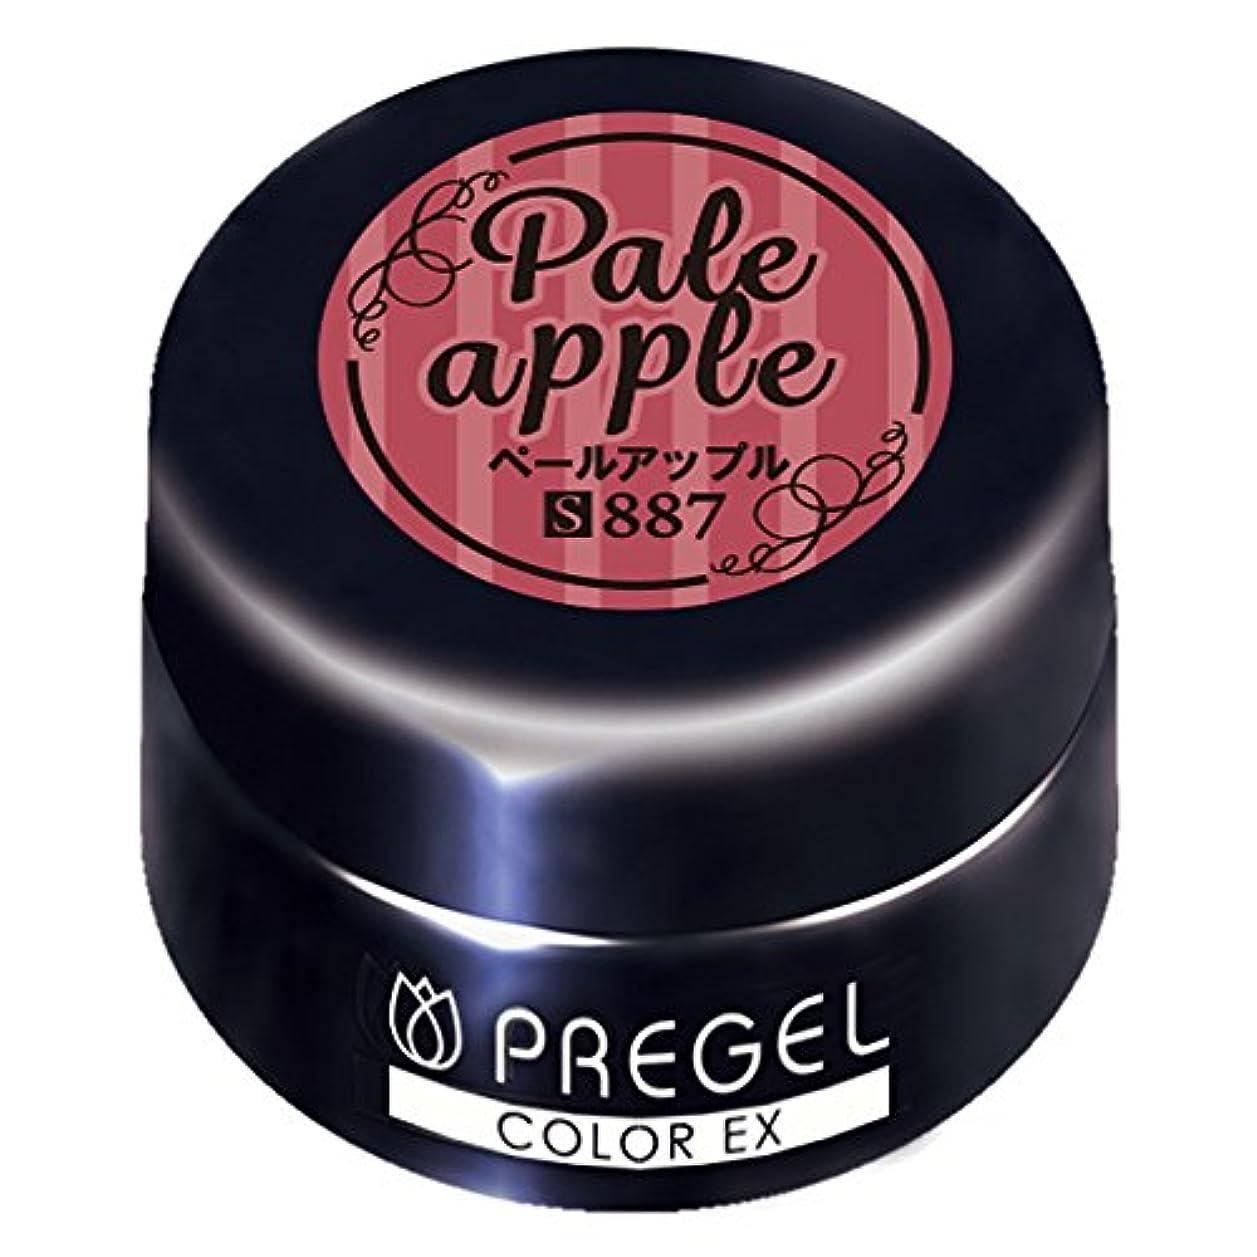 ウッズアセ国民PRE GEL カラージェル カラーEX ペールアップル 3g PG-CE887 UV/LED対応タイオウ